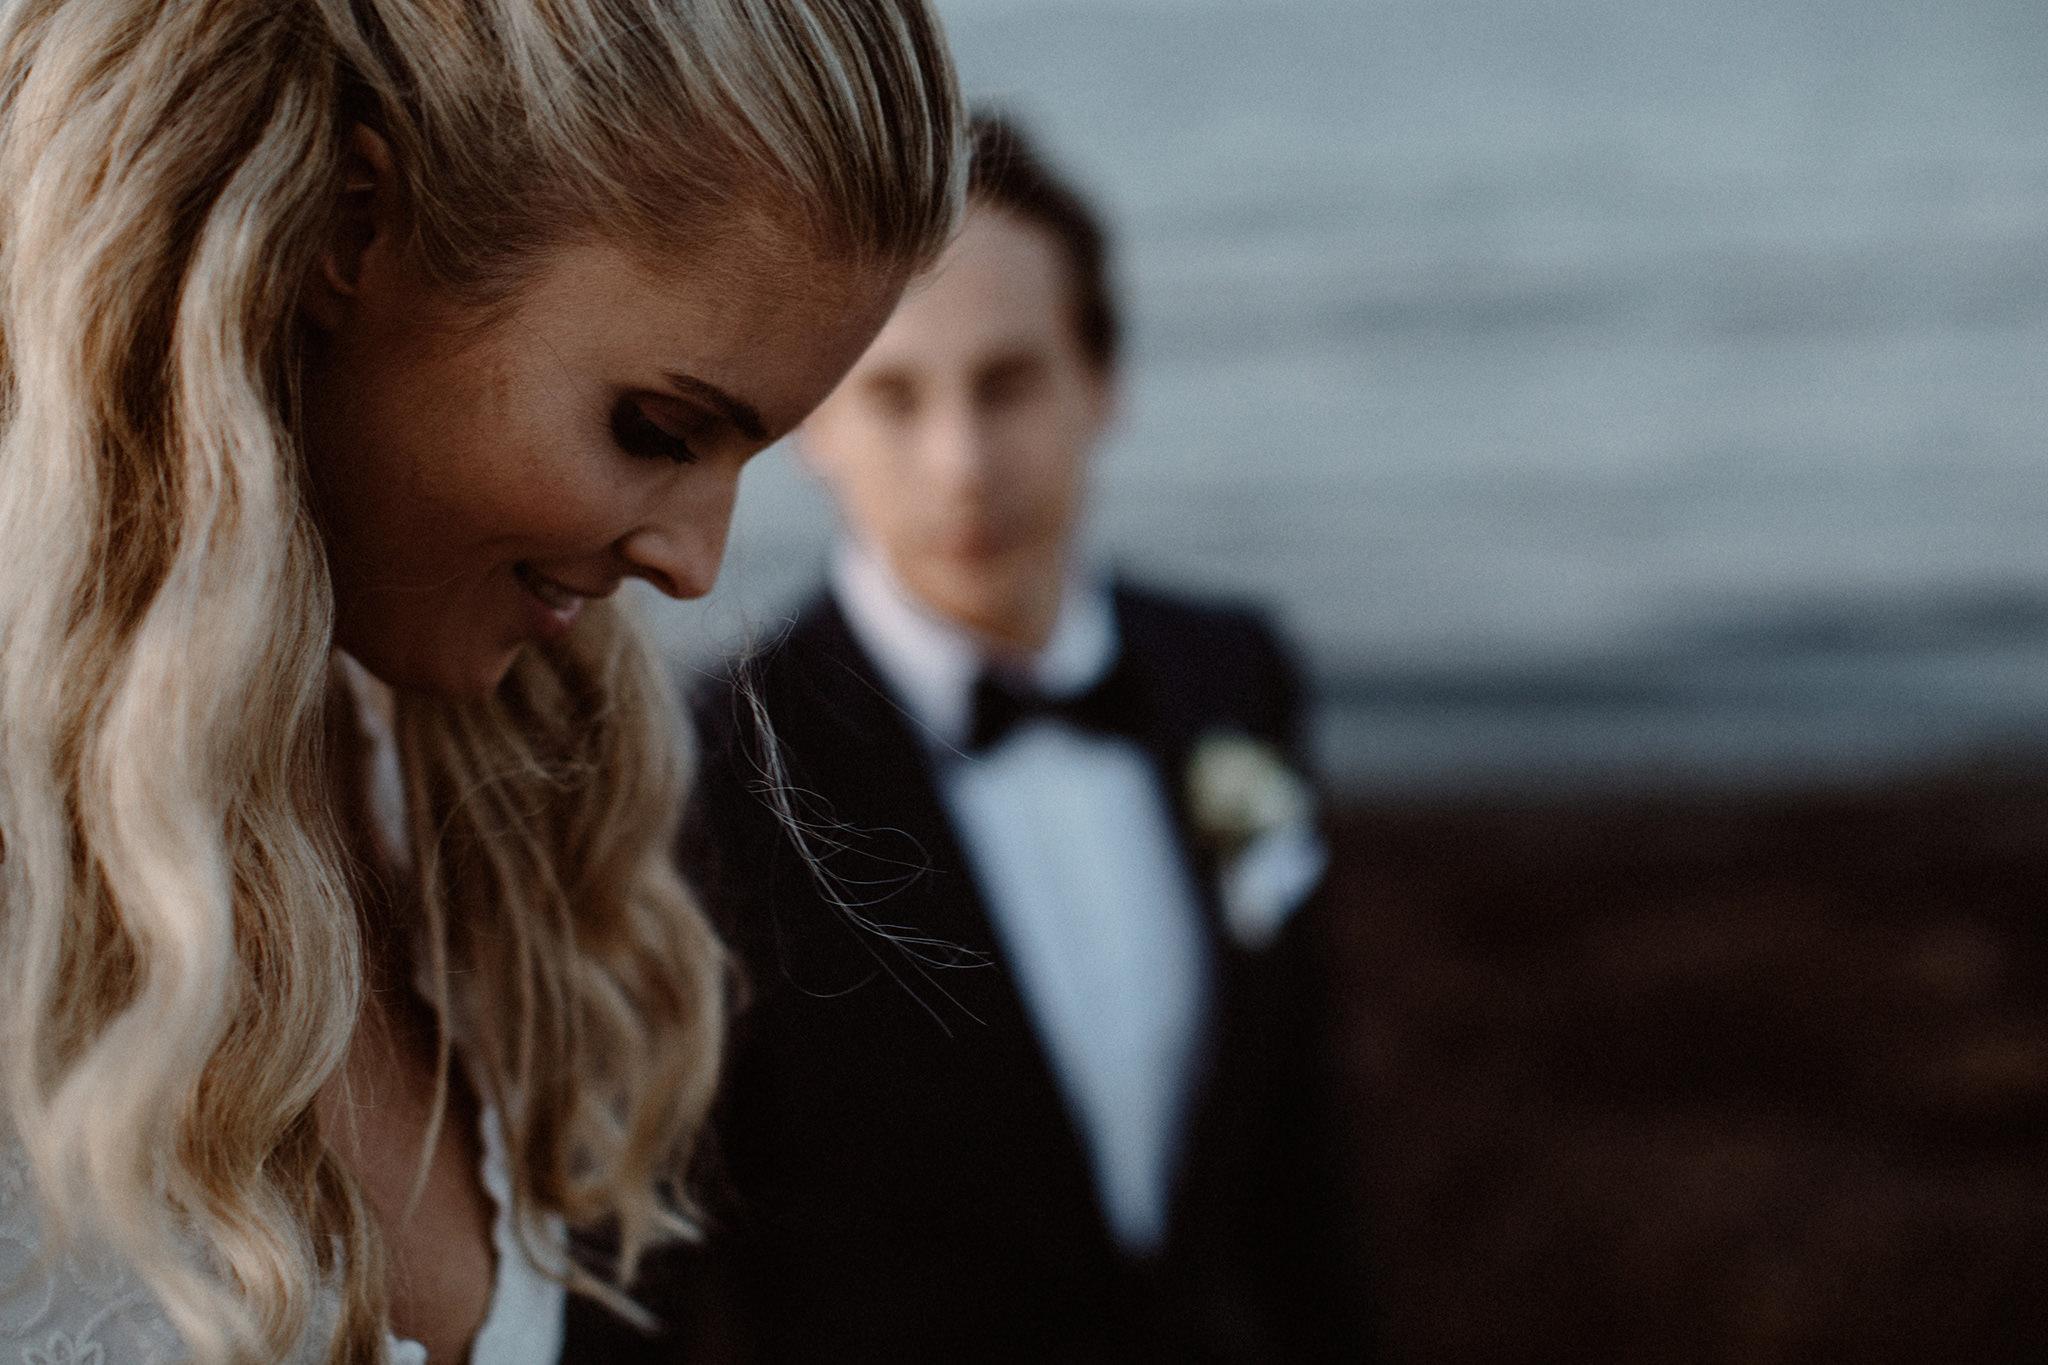 hochzeitsfotografie-kiel-norddeutschland-ostsee-afterwedding-20